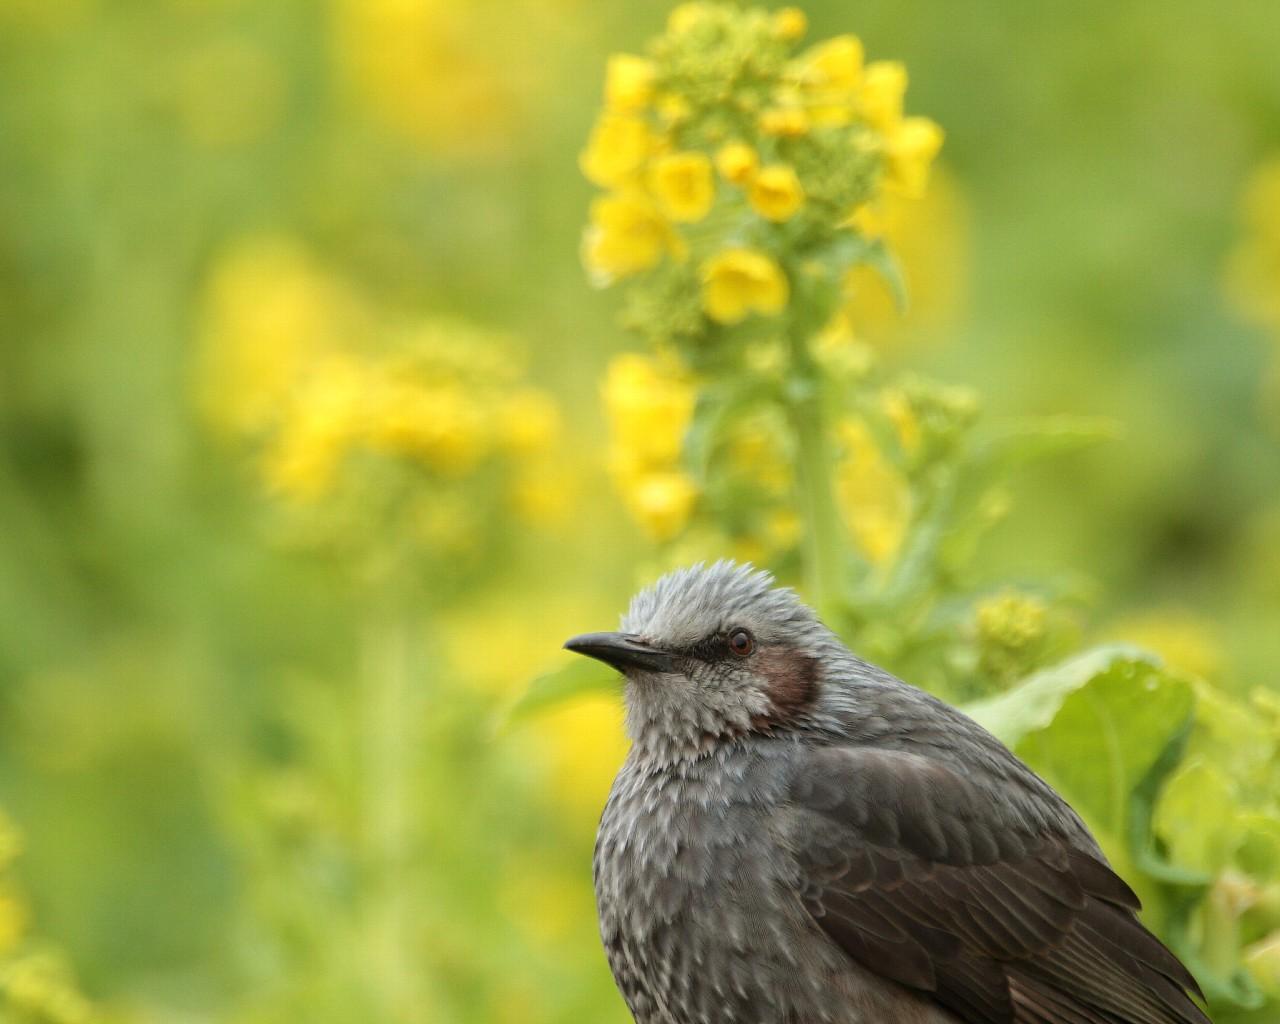 ヒヨドリと菜の花(早春らしい綺麗な野鳥のフリー壁紙)_f0105570_21132375.jpg